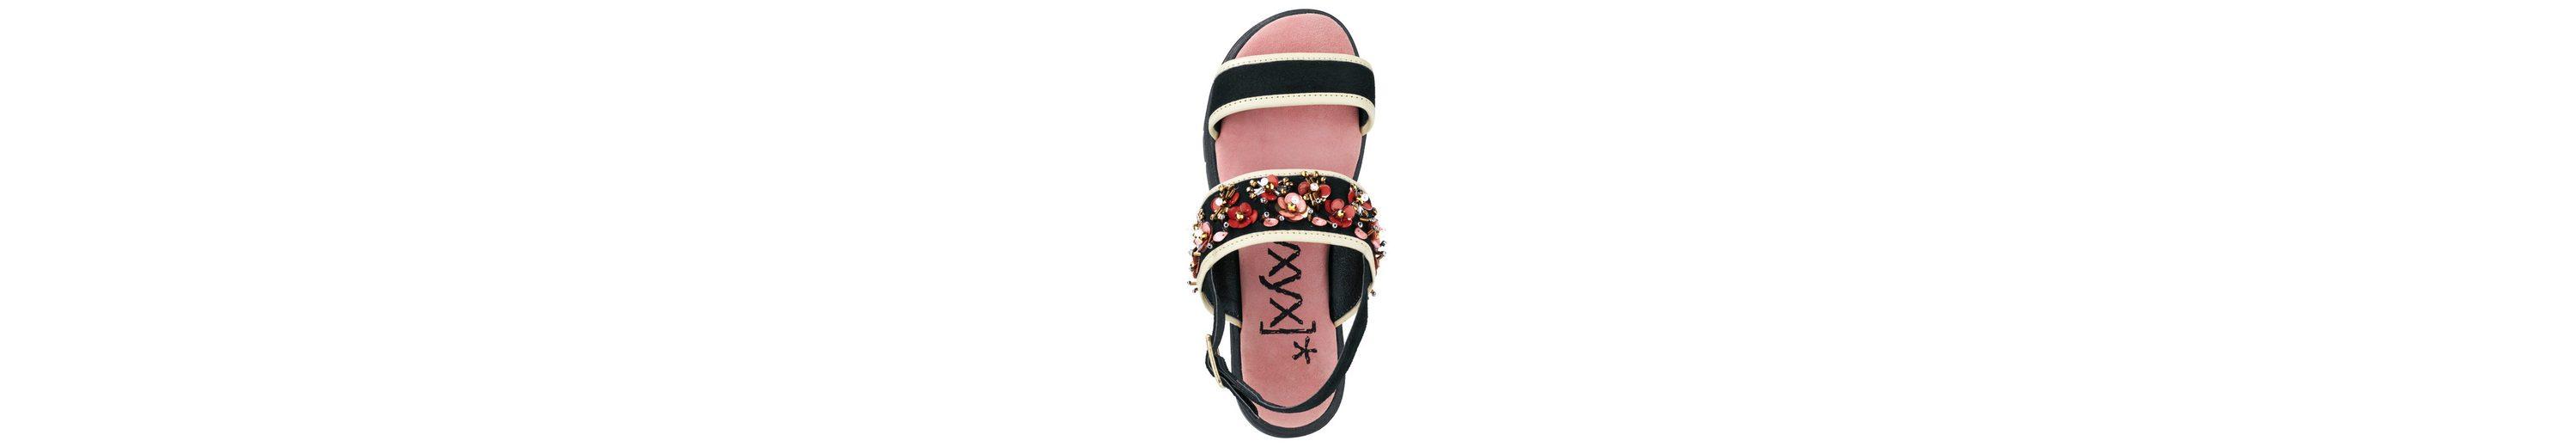 XYXYX Sandalette Billig Verkauf Mit Mastercard Bestseller Freies Verschiffen Am Besten PBDWuDpQGR